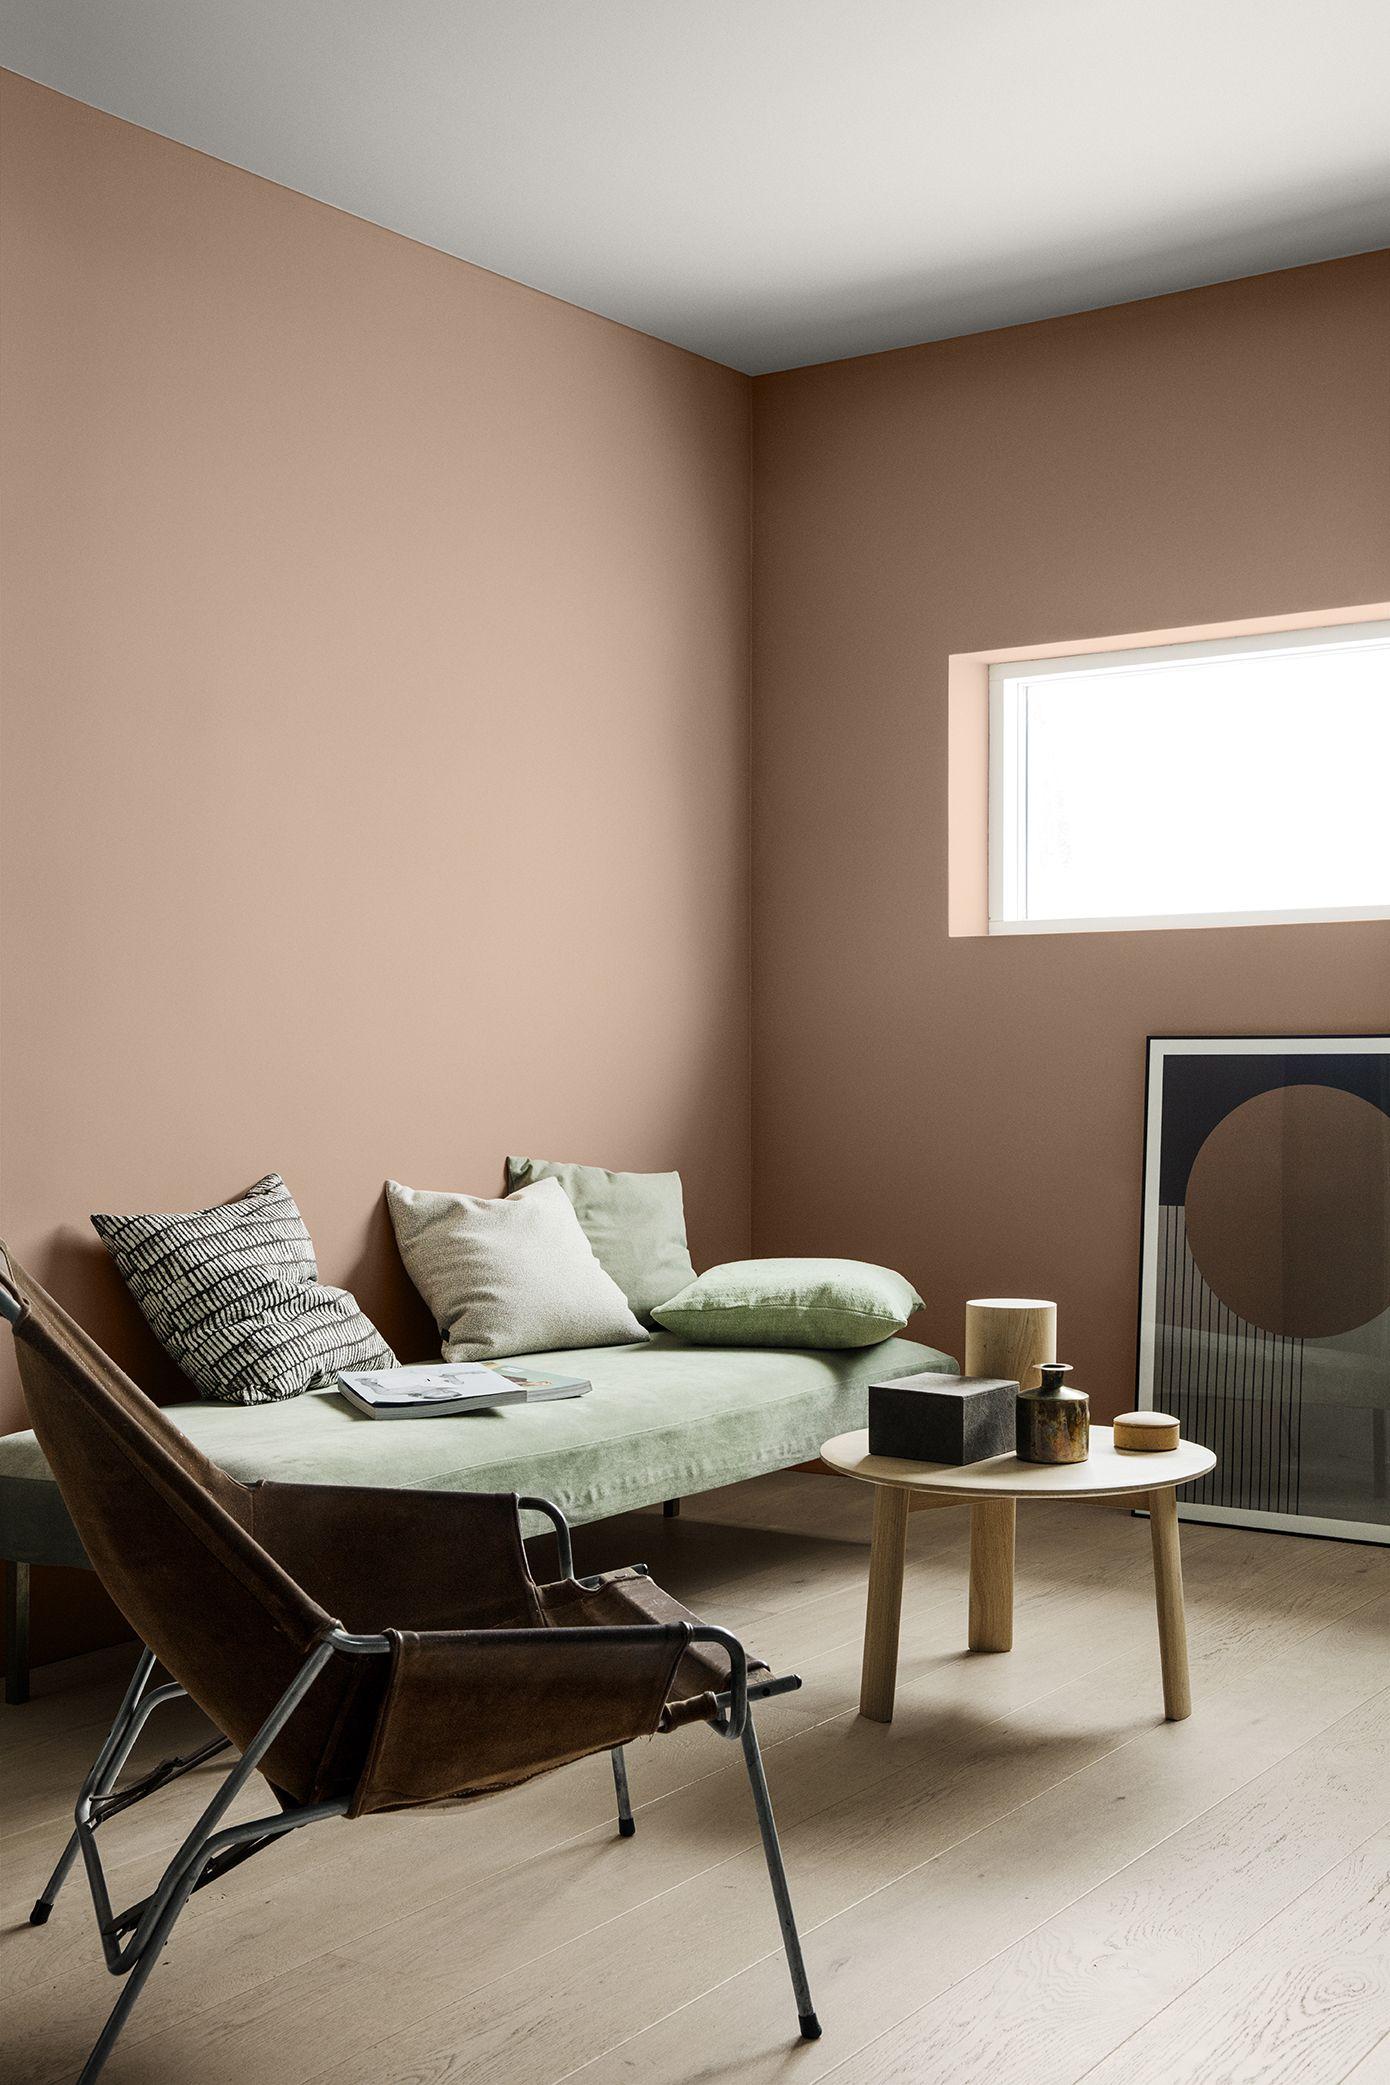 Espacios De Color Rosa Decoracion De Interiores Pintura Colores De Decoracion Para El Hogar Colores De Interiores